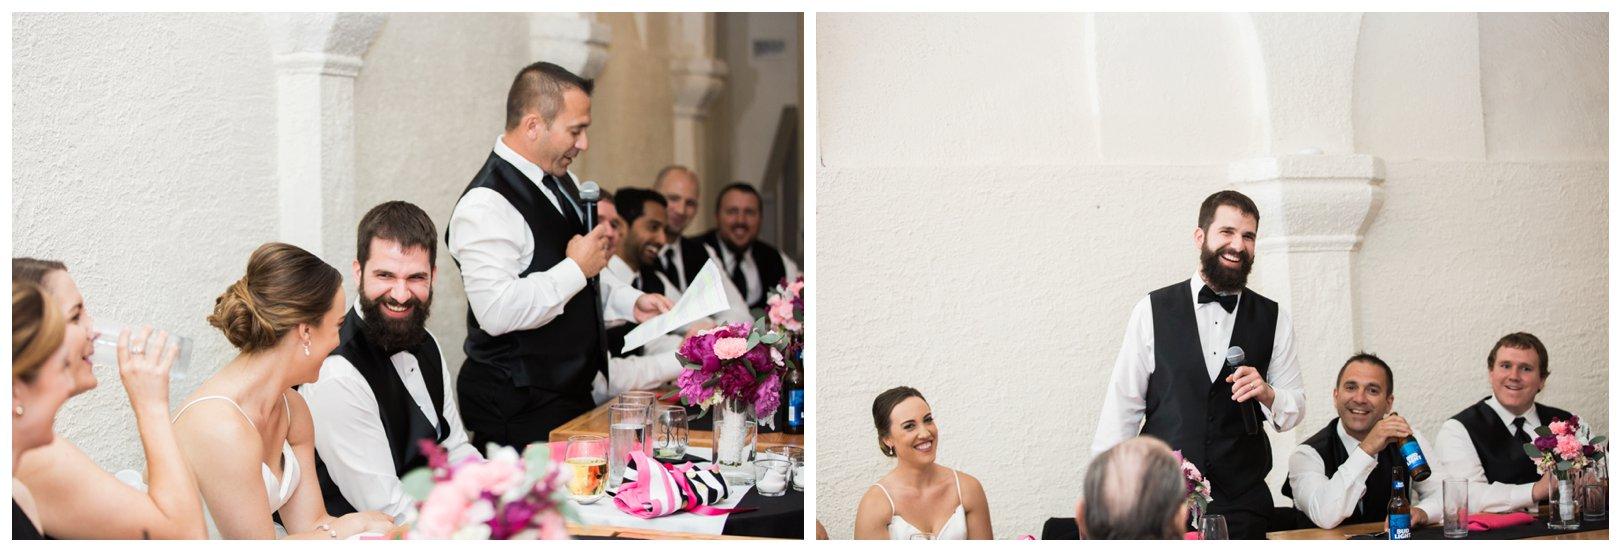 lauren muckler photography_fine art film wedding photography_st louis_photography_1124.jpg